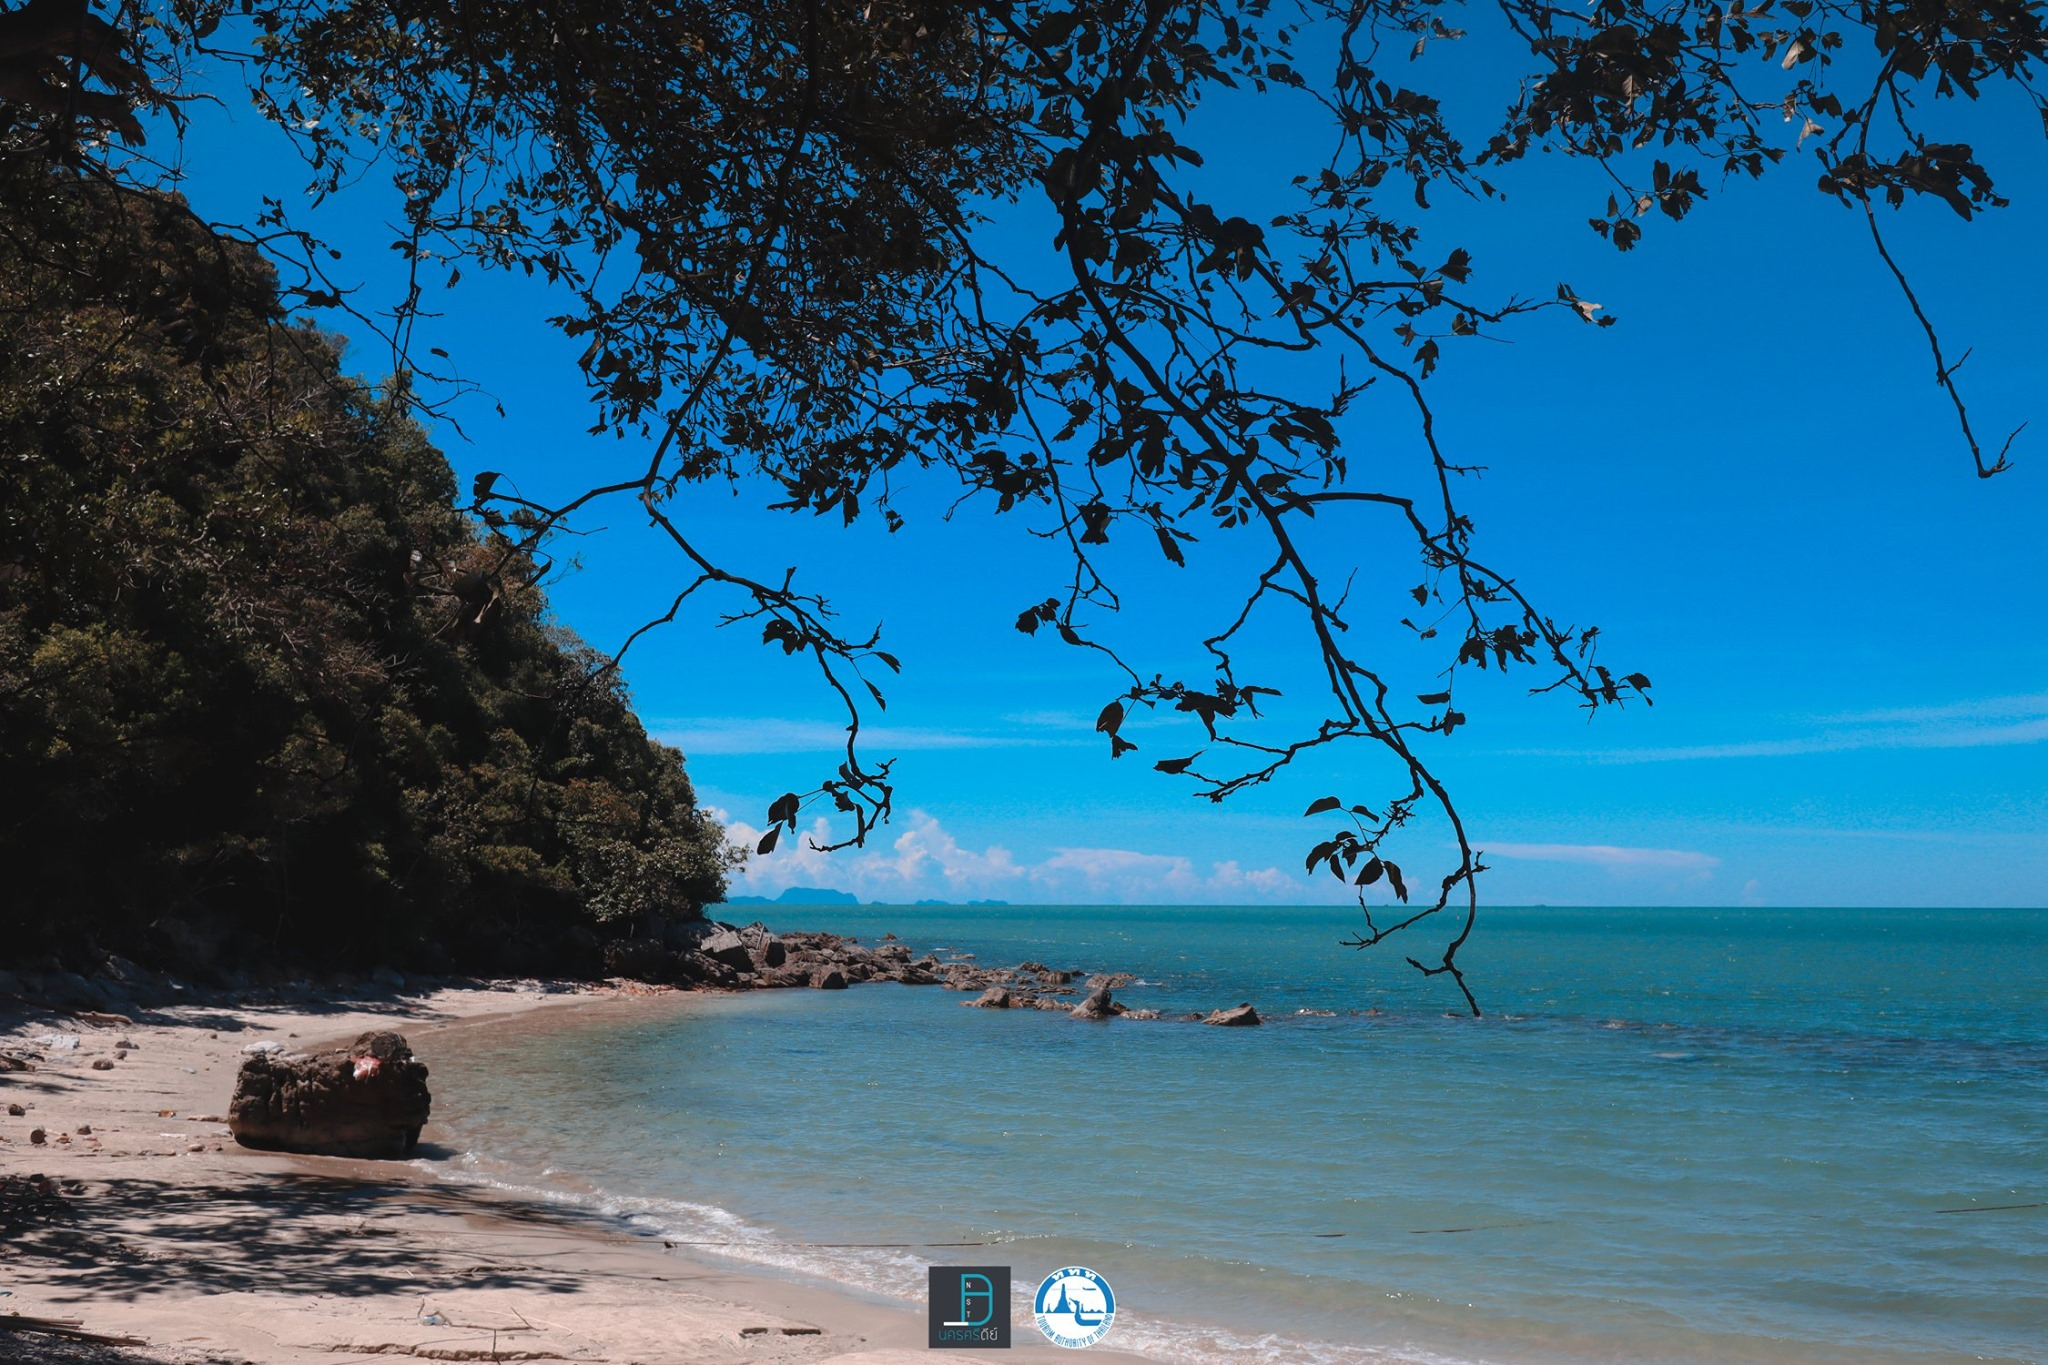 7.-อ่าวท้องโหนด-ขนอม-น้ำใสสุดๆแบบที่เห็นกันไปถึงผิวทรายด้านล่างกันเลยทีเดียว-หาดทรายสีขาวพร้อมด้วยเปลือกหอยเยอะแยะมากมายนานาชนิดเลยครับ นครศรีธรรมราช,จุดเช็คอิน,ที่ท่องเที่ยว,ของกิน,โกโก้,TAT,การท่องเที่ยวแห่งประเทศไทย